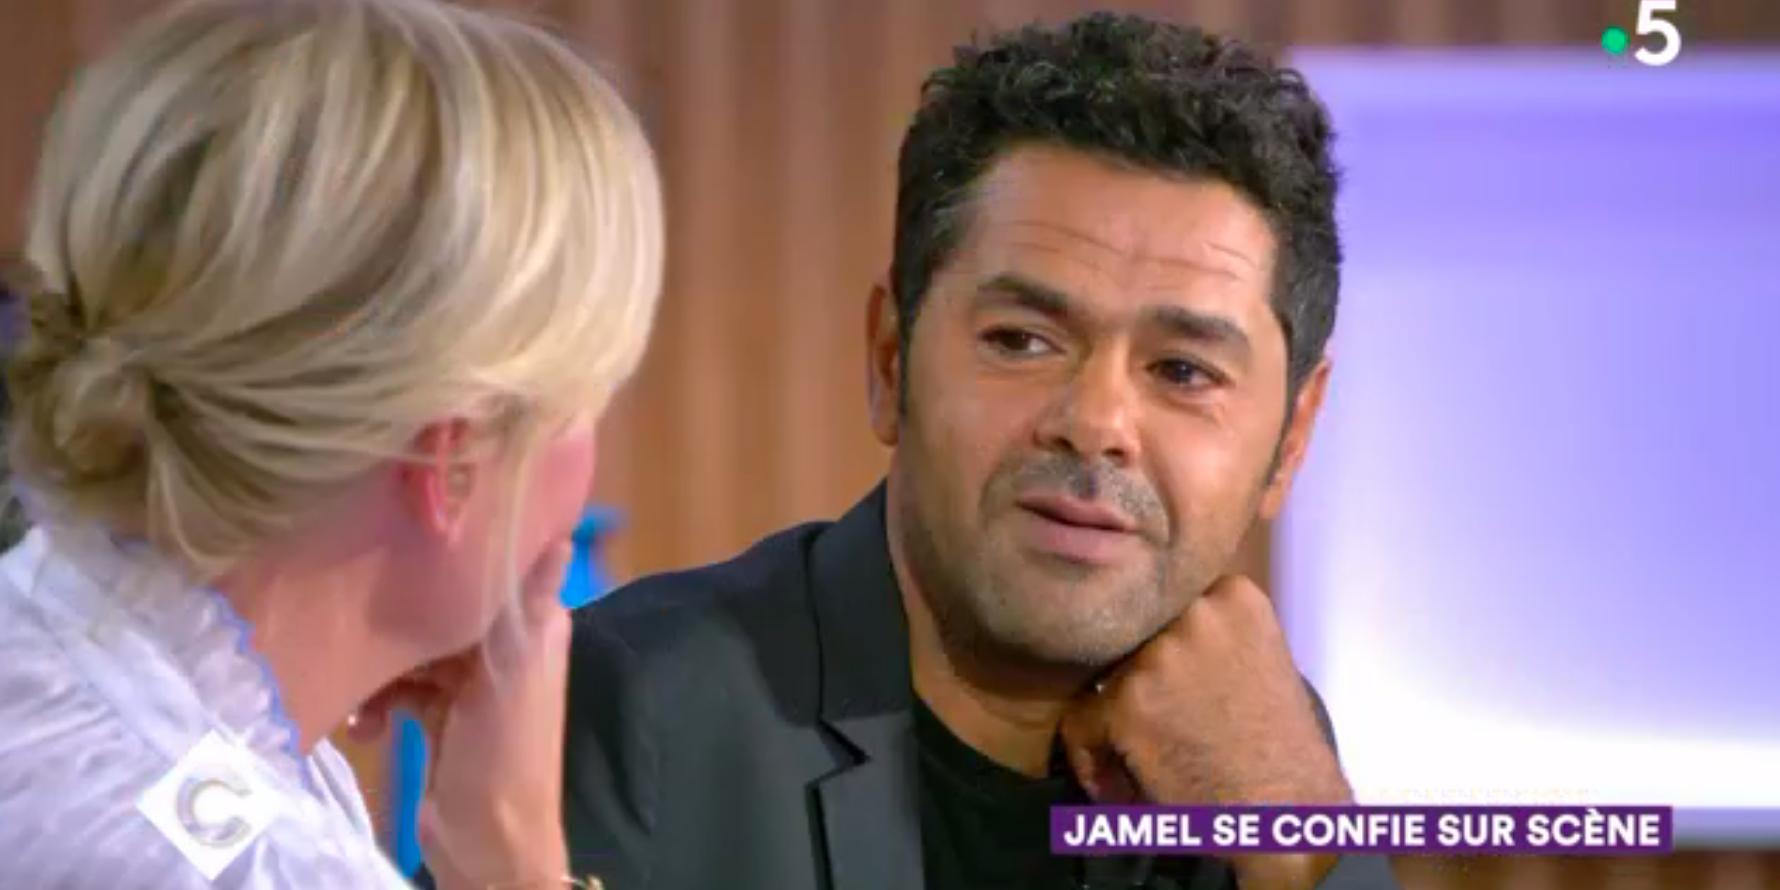 VIDEO Jamel Debbouze prêt à arrêter la scène? Il met les choses au clair